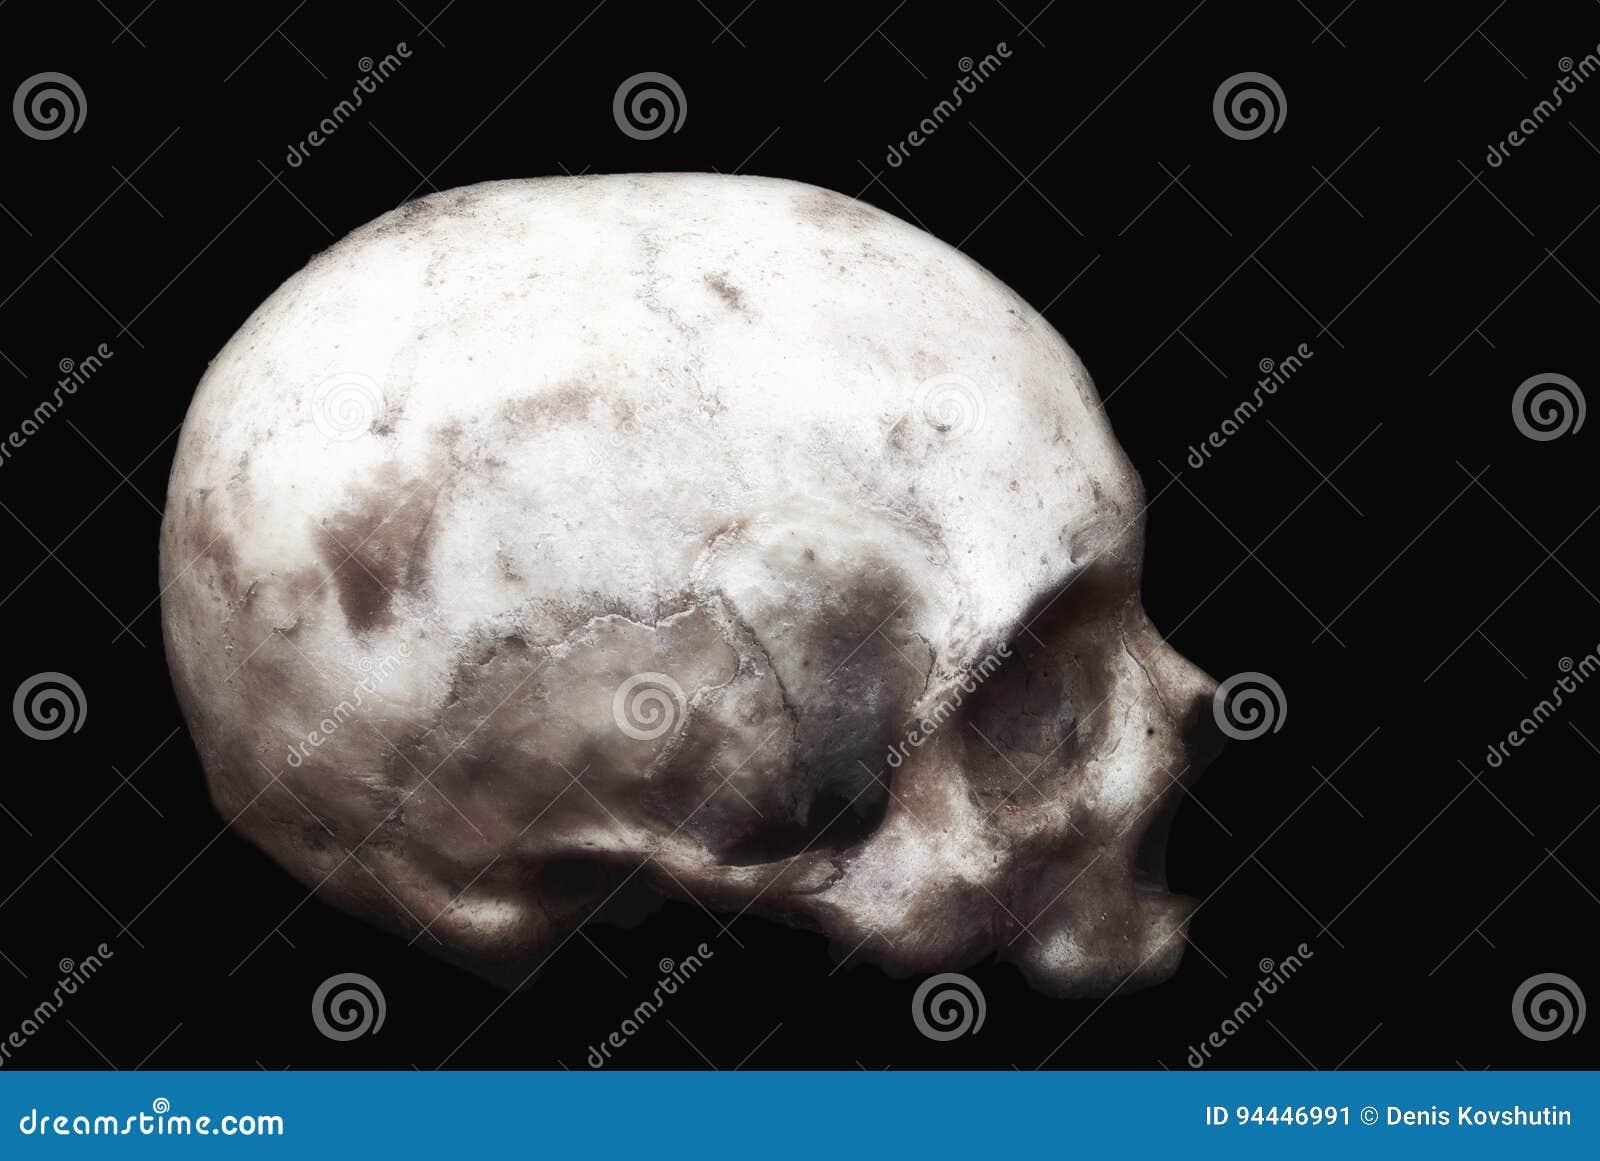 Cráneo Humano Real En Un Fondo Negro Aislado Imagen de archivo ...